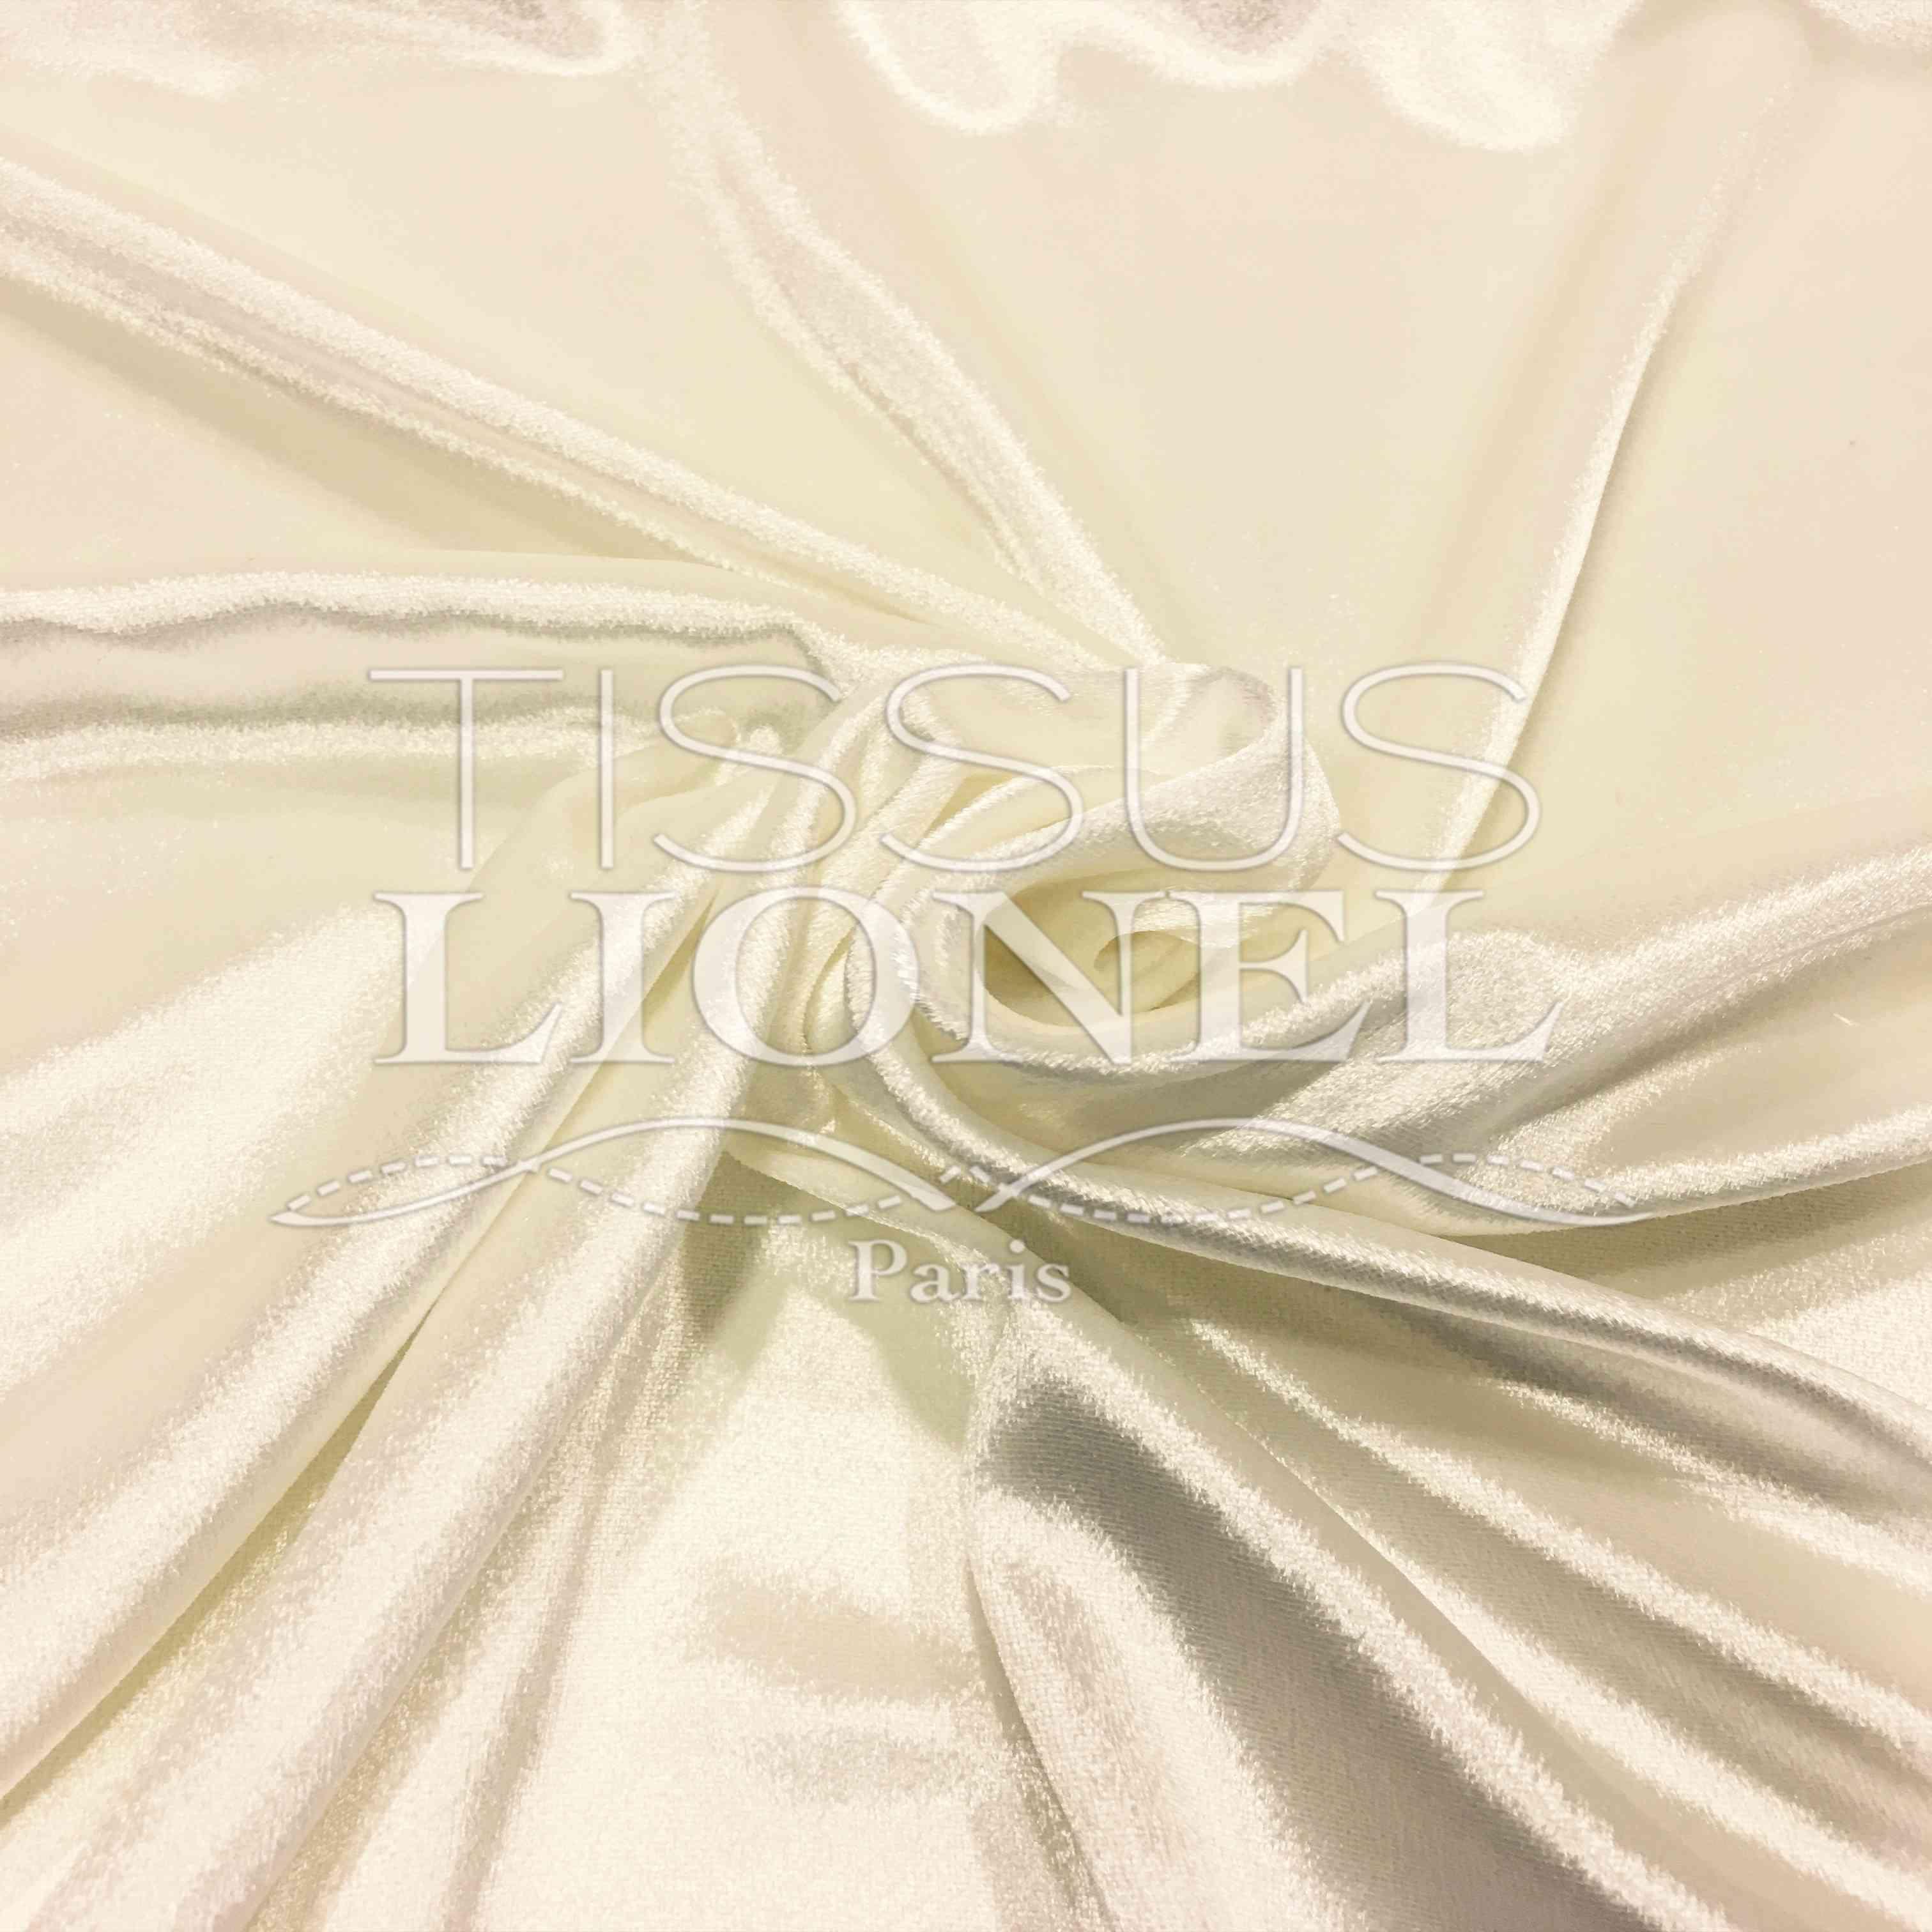 Velours de soie